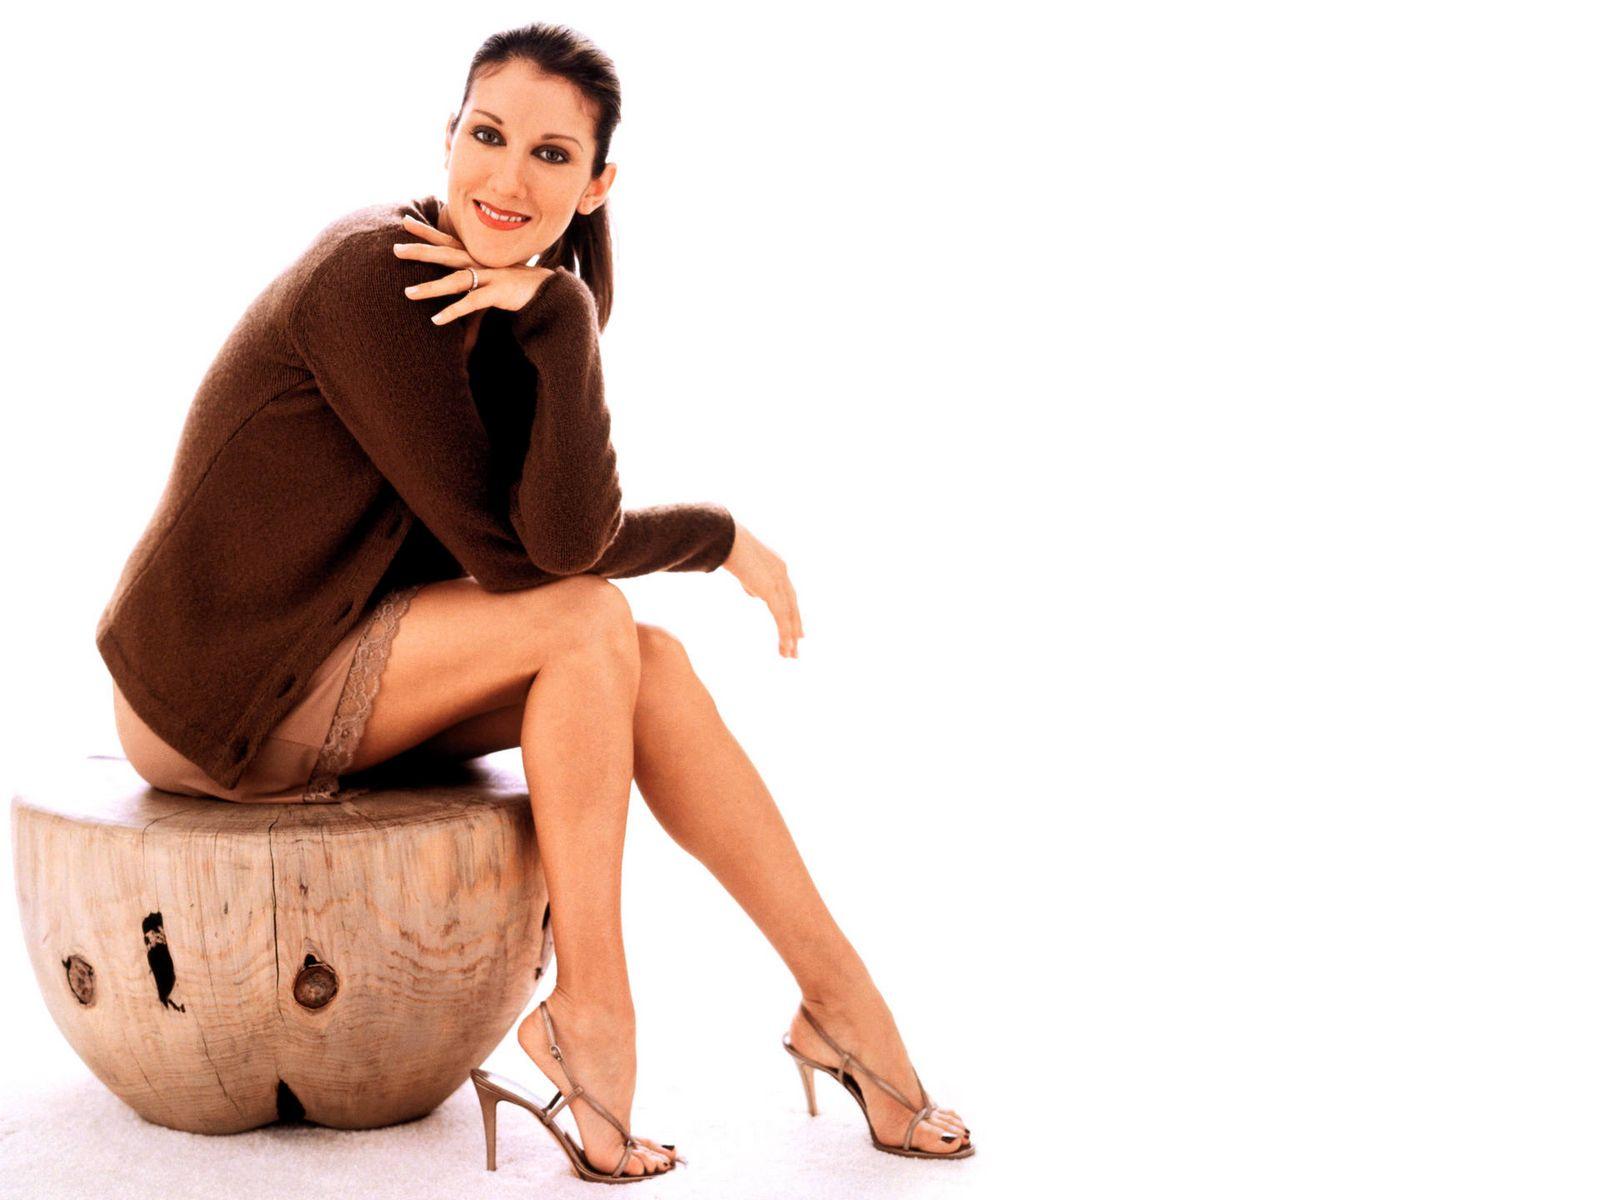 Descalzas y Famosas 5: CELINE DION DESCALZA. PIES